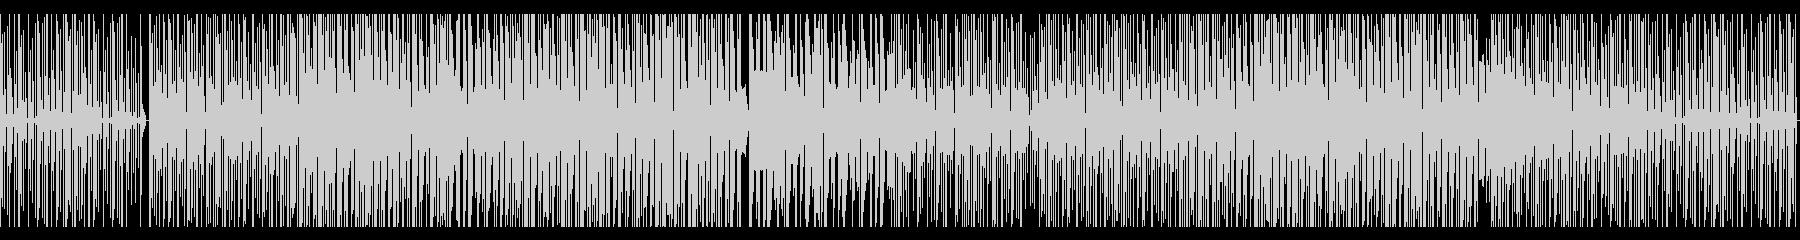 ビート強めなBGMの未再生の波形